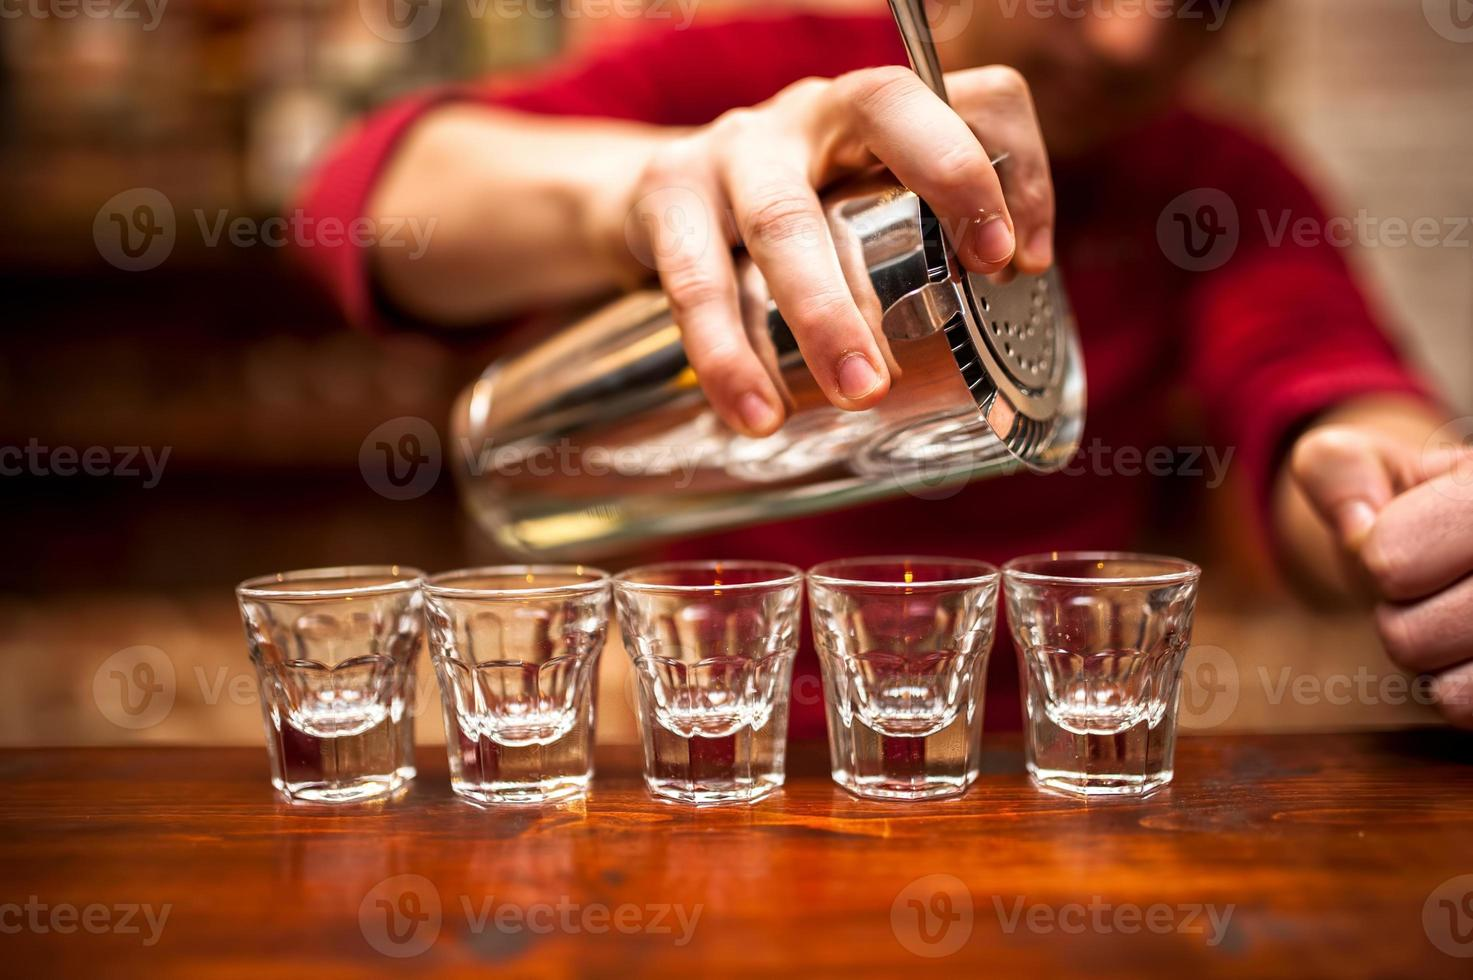 Primer plano de la mano del camarero vertiendo bebida alcohólica en la discoteca, foto